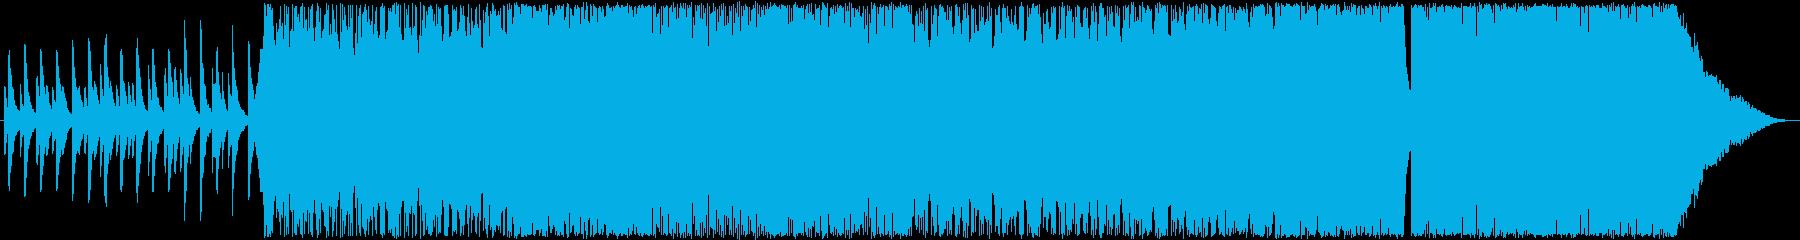 ゴシックバトルの再生済みの波形